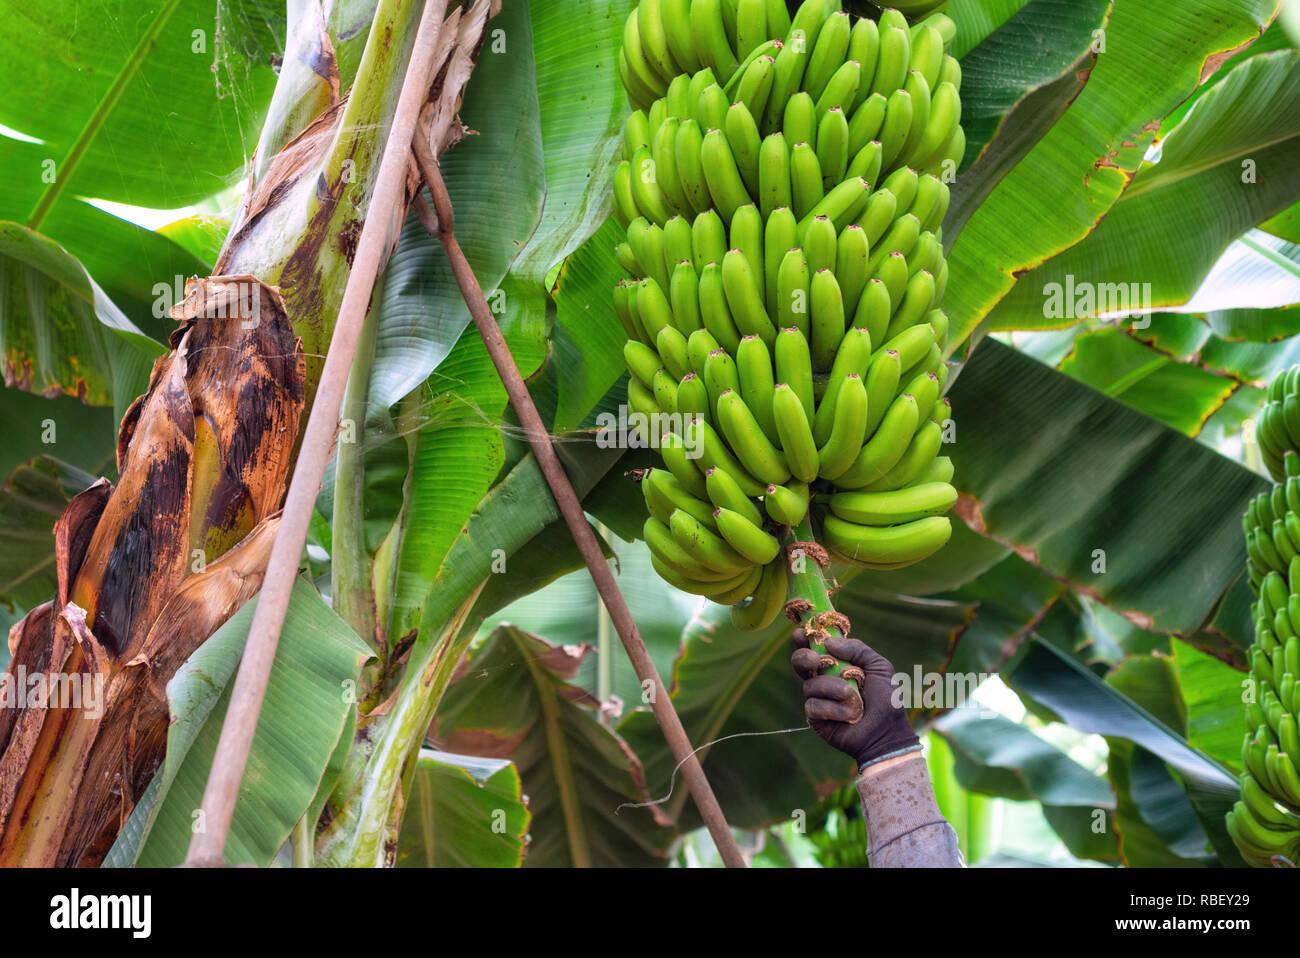 Arbeiter schneiden ein Bündel Bananen in einer Plantage in Teneriffa, Kanarische Inseln, Spanien. Stockbild